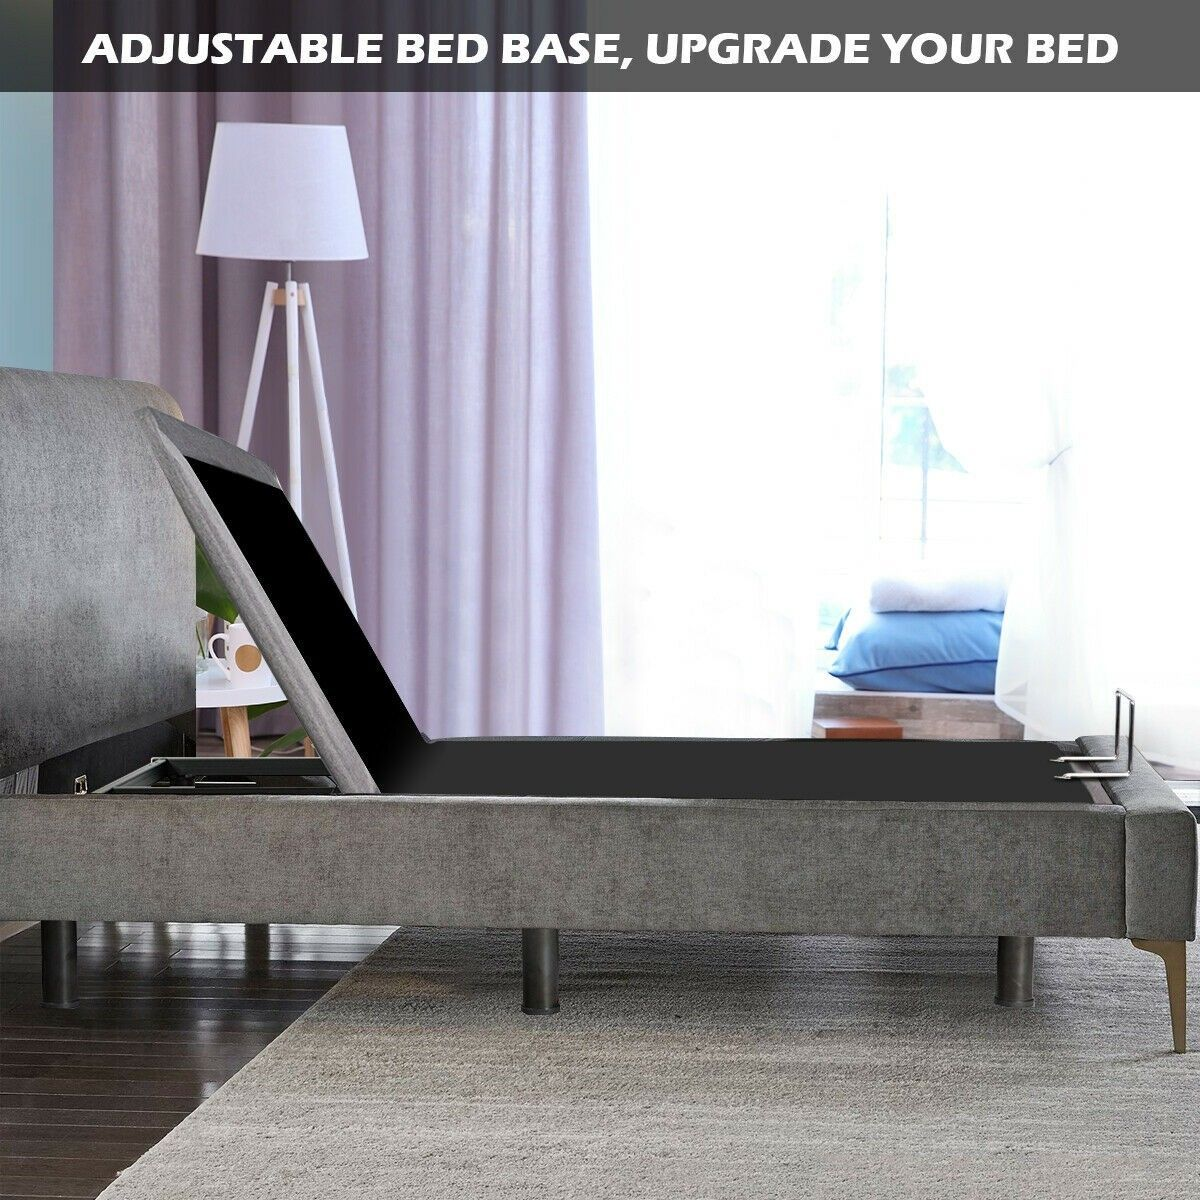 Queen Size Steel Frame Remote Adjustable Bed Base